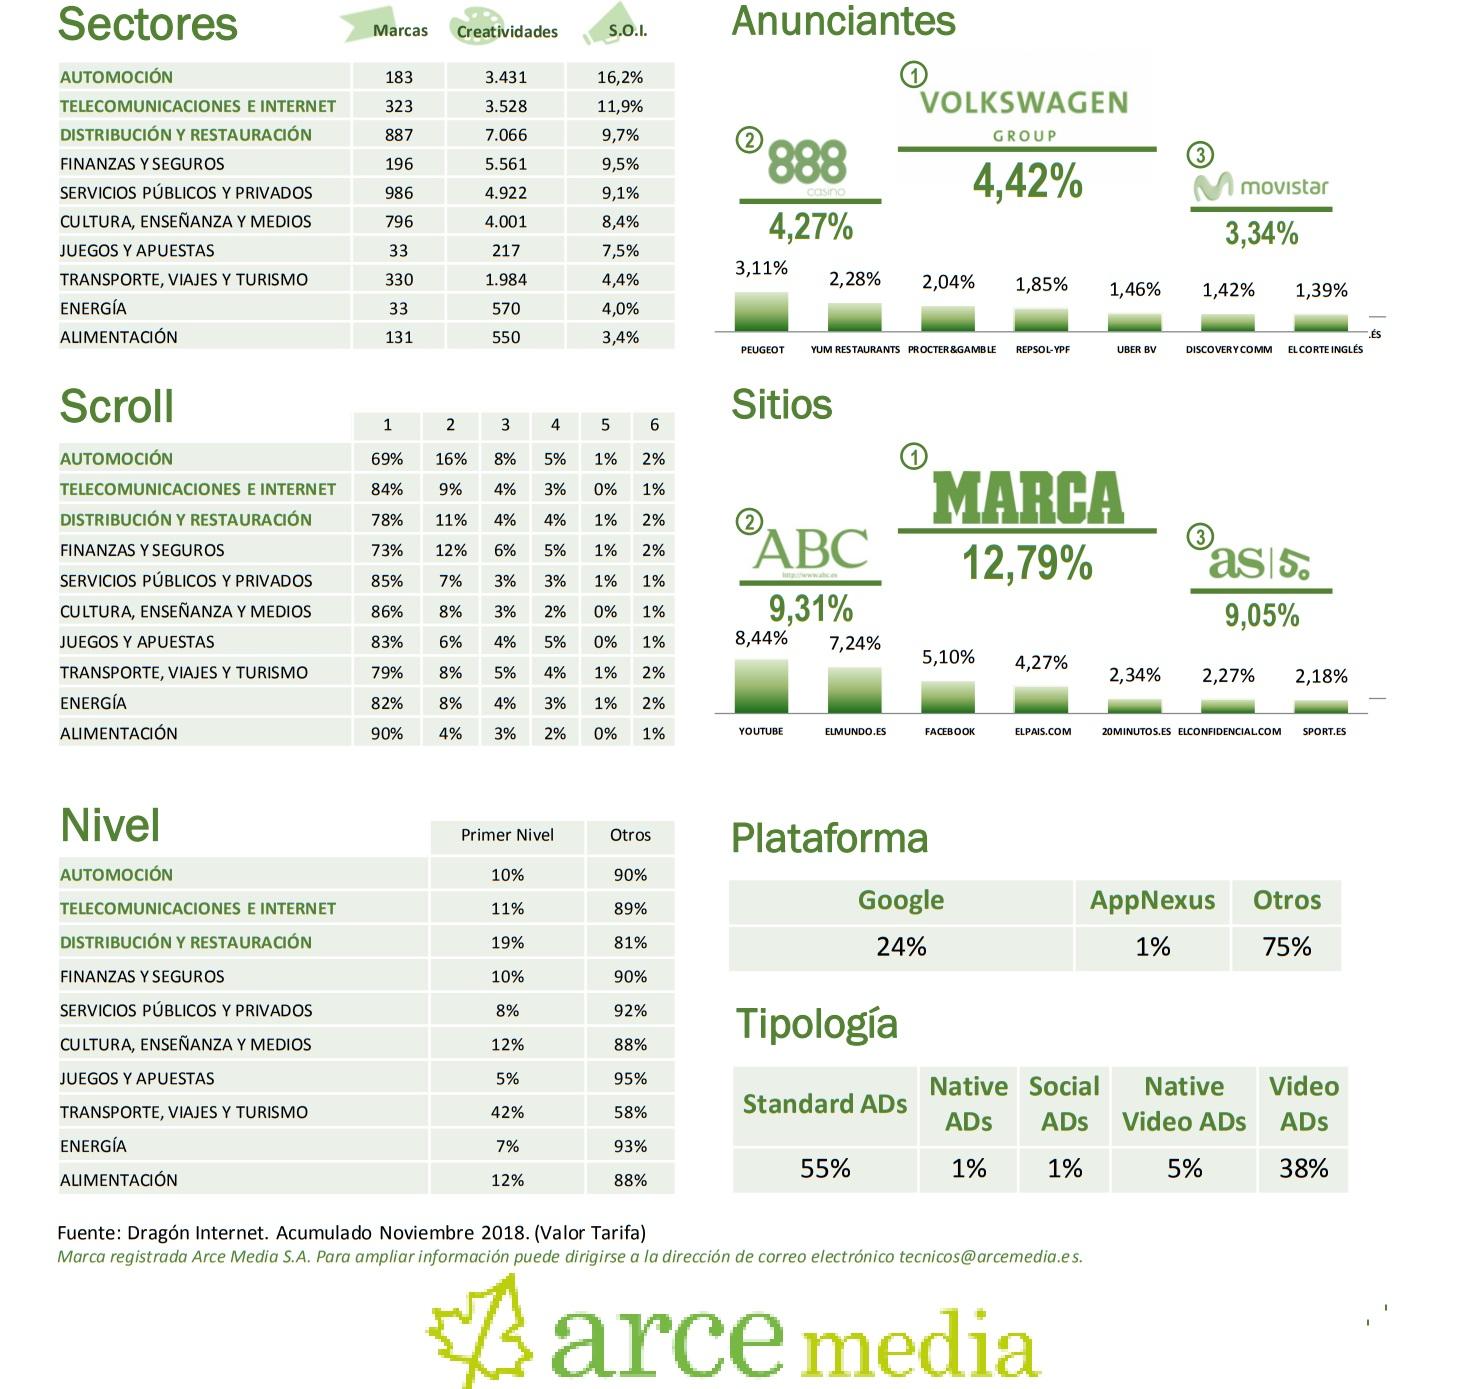 https://www.programapublicidad.com/wp-content/uploads/2018/12/sectores-arce-media-noviembre-2018-programapublicidad-muy-grande.jpg